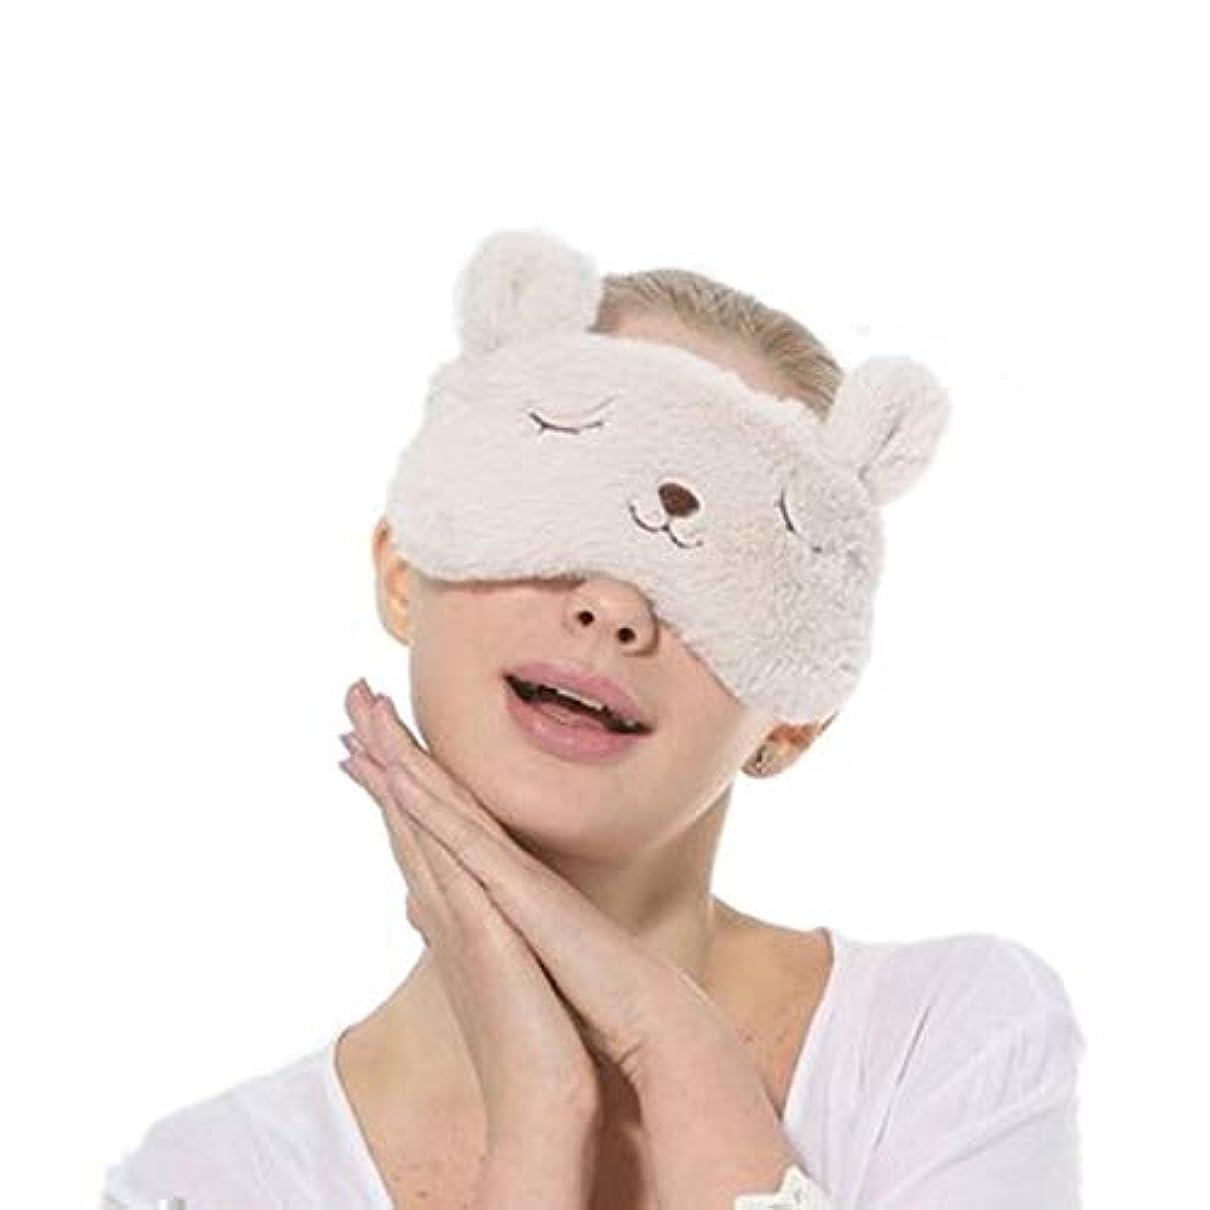 阻害する伴う歴史家注USBスチームホットコンプレスアイマスク電気加熱漫画睡眠シェーディングは、黒丸に目の疲れを軽減快適な気性